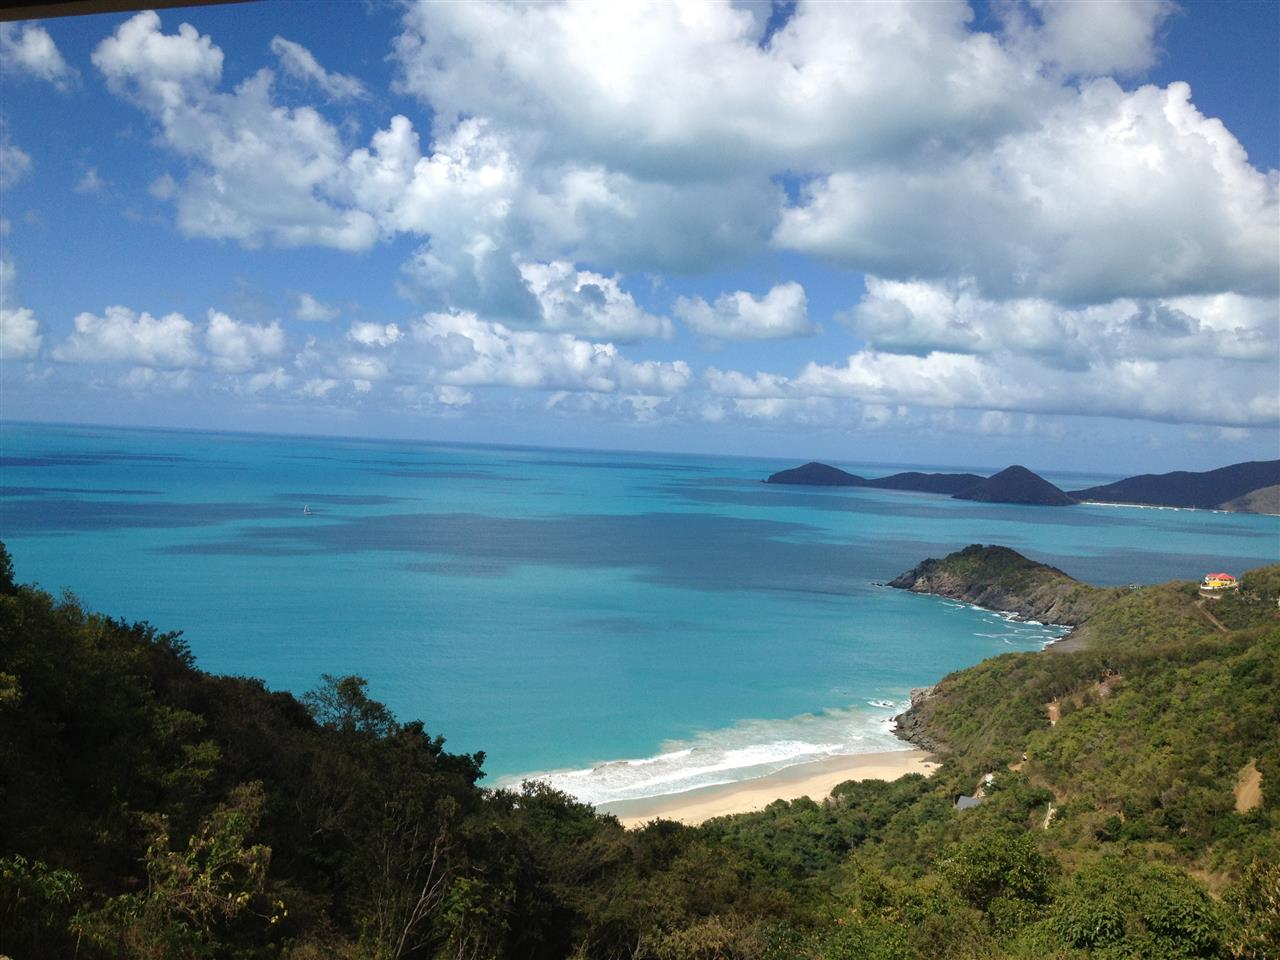 Trunk Bay, Tortola Courtesy of Smiths Gore BVI Ltd.